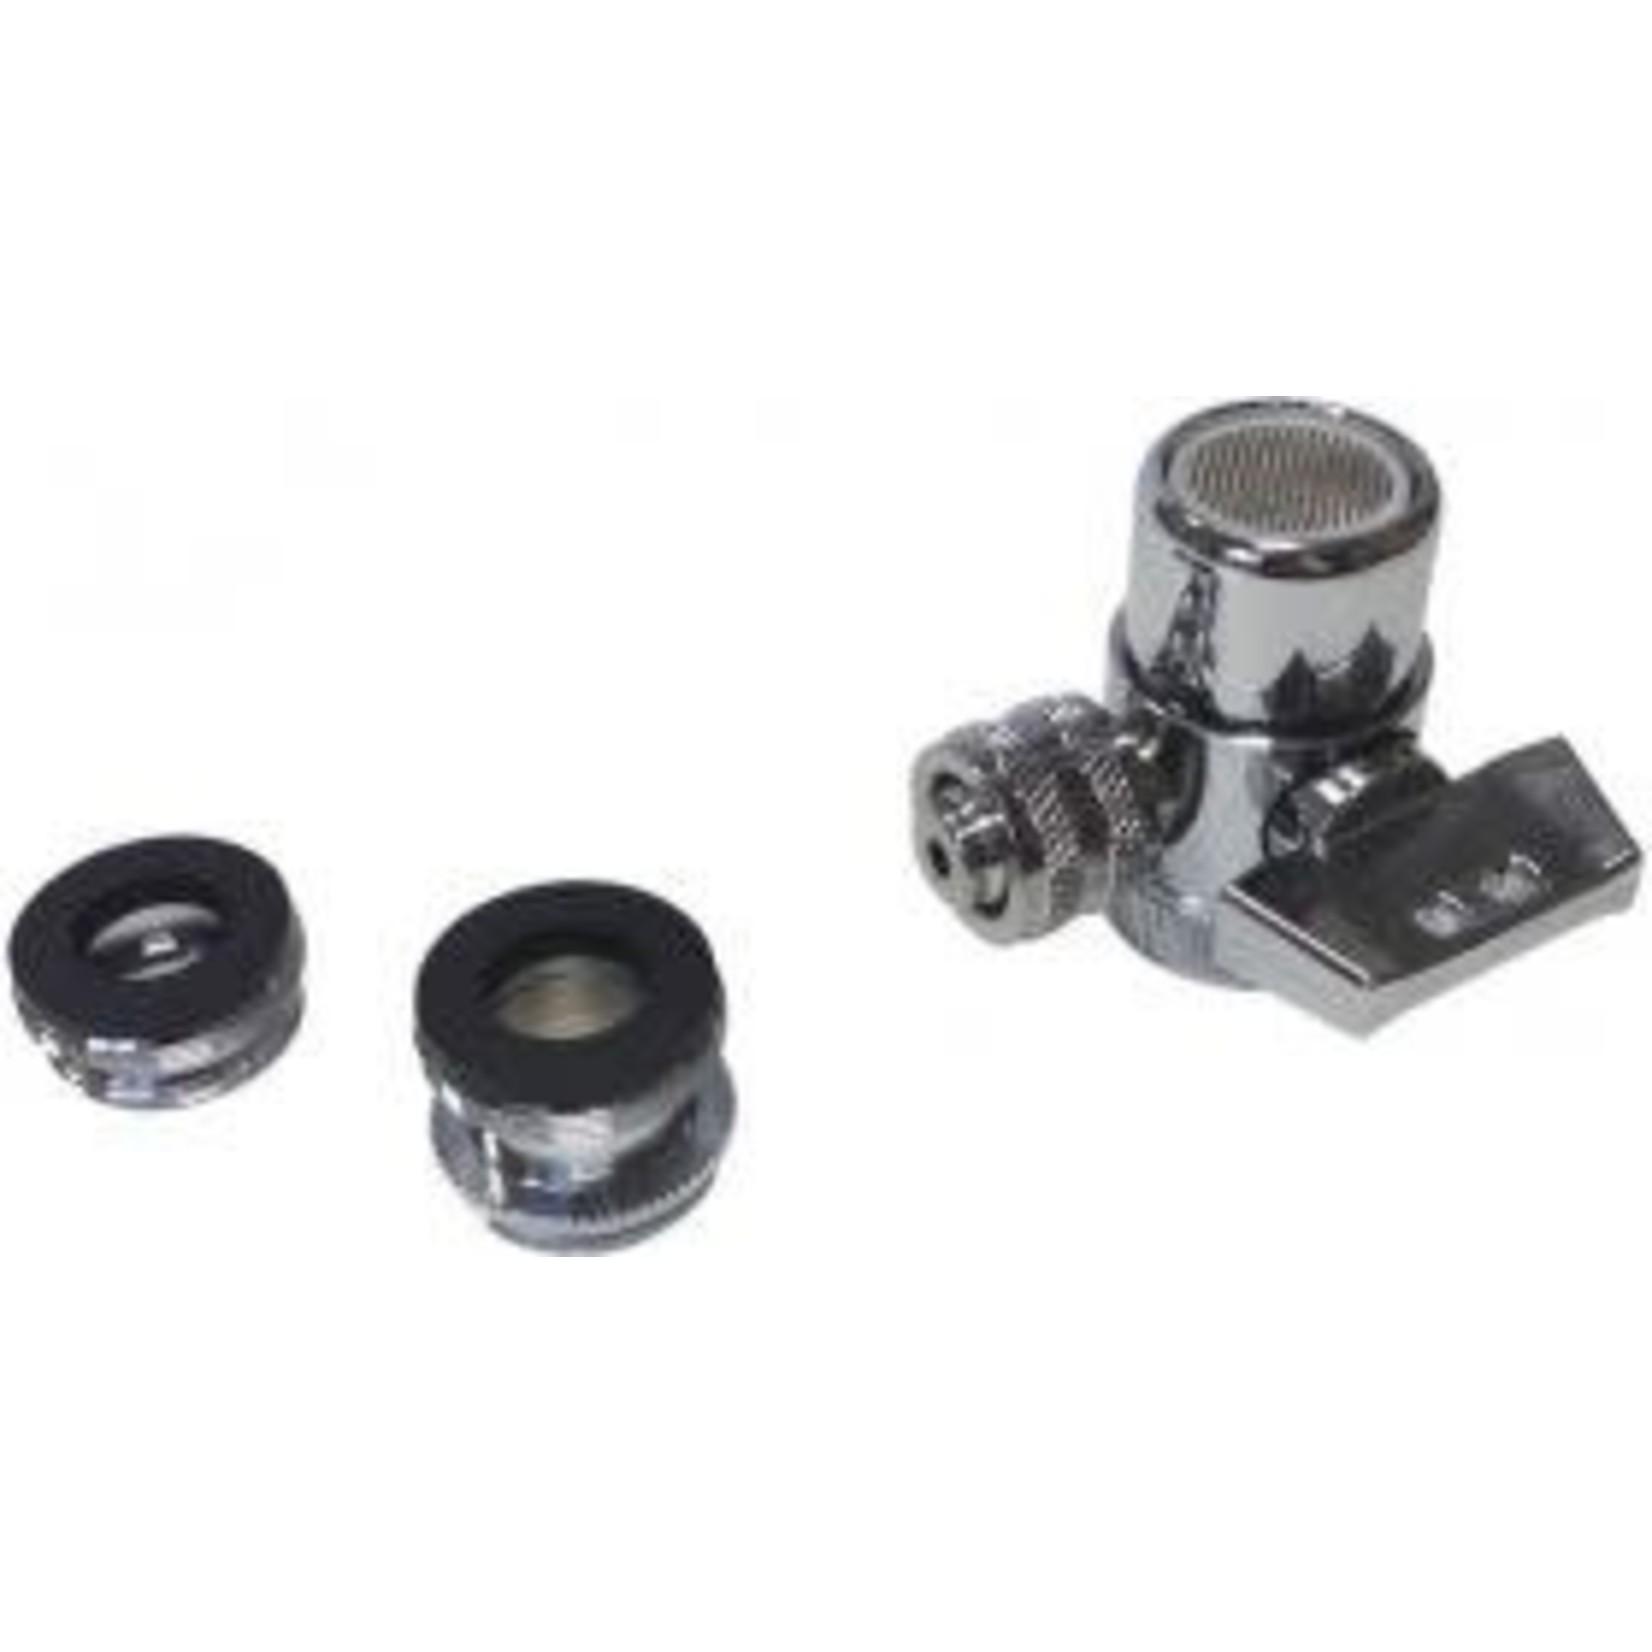 Enagic Kangen Enagic Metal Diverter Faucet Adapter